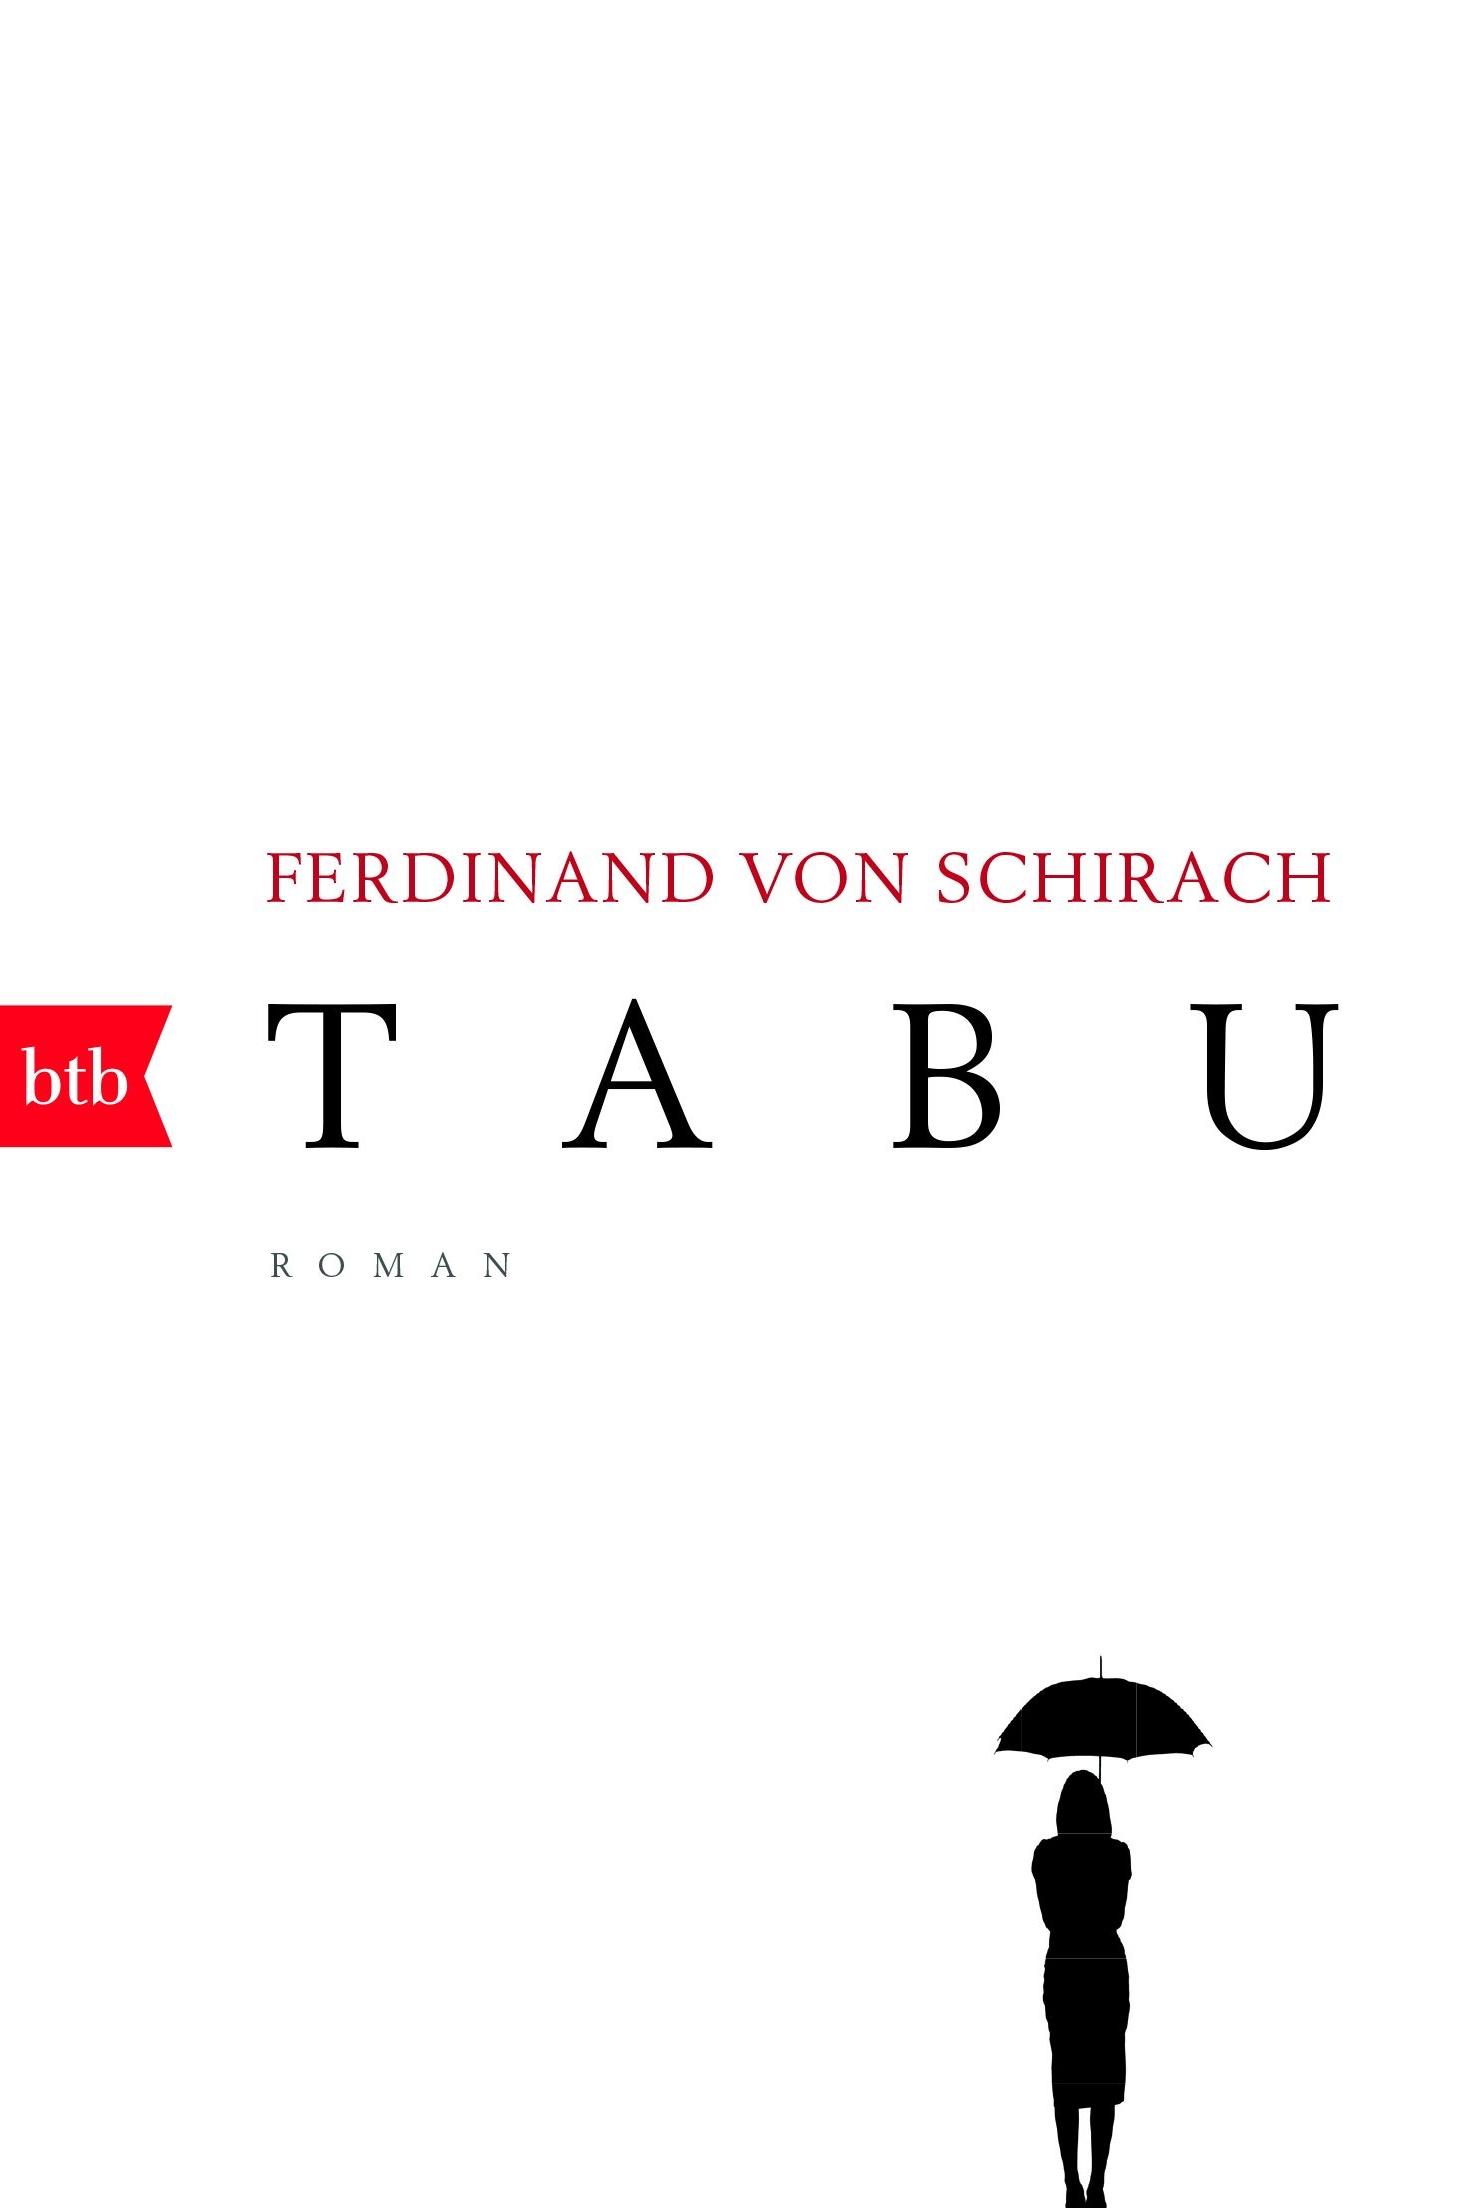 Tabu - Ferdinand von Schirachbtb Verlag / February 2017